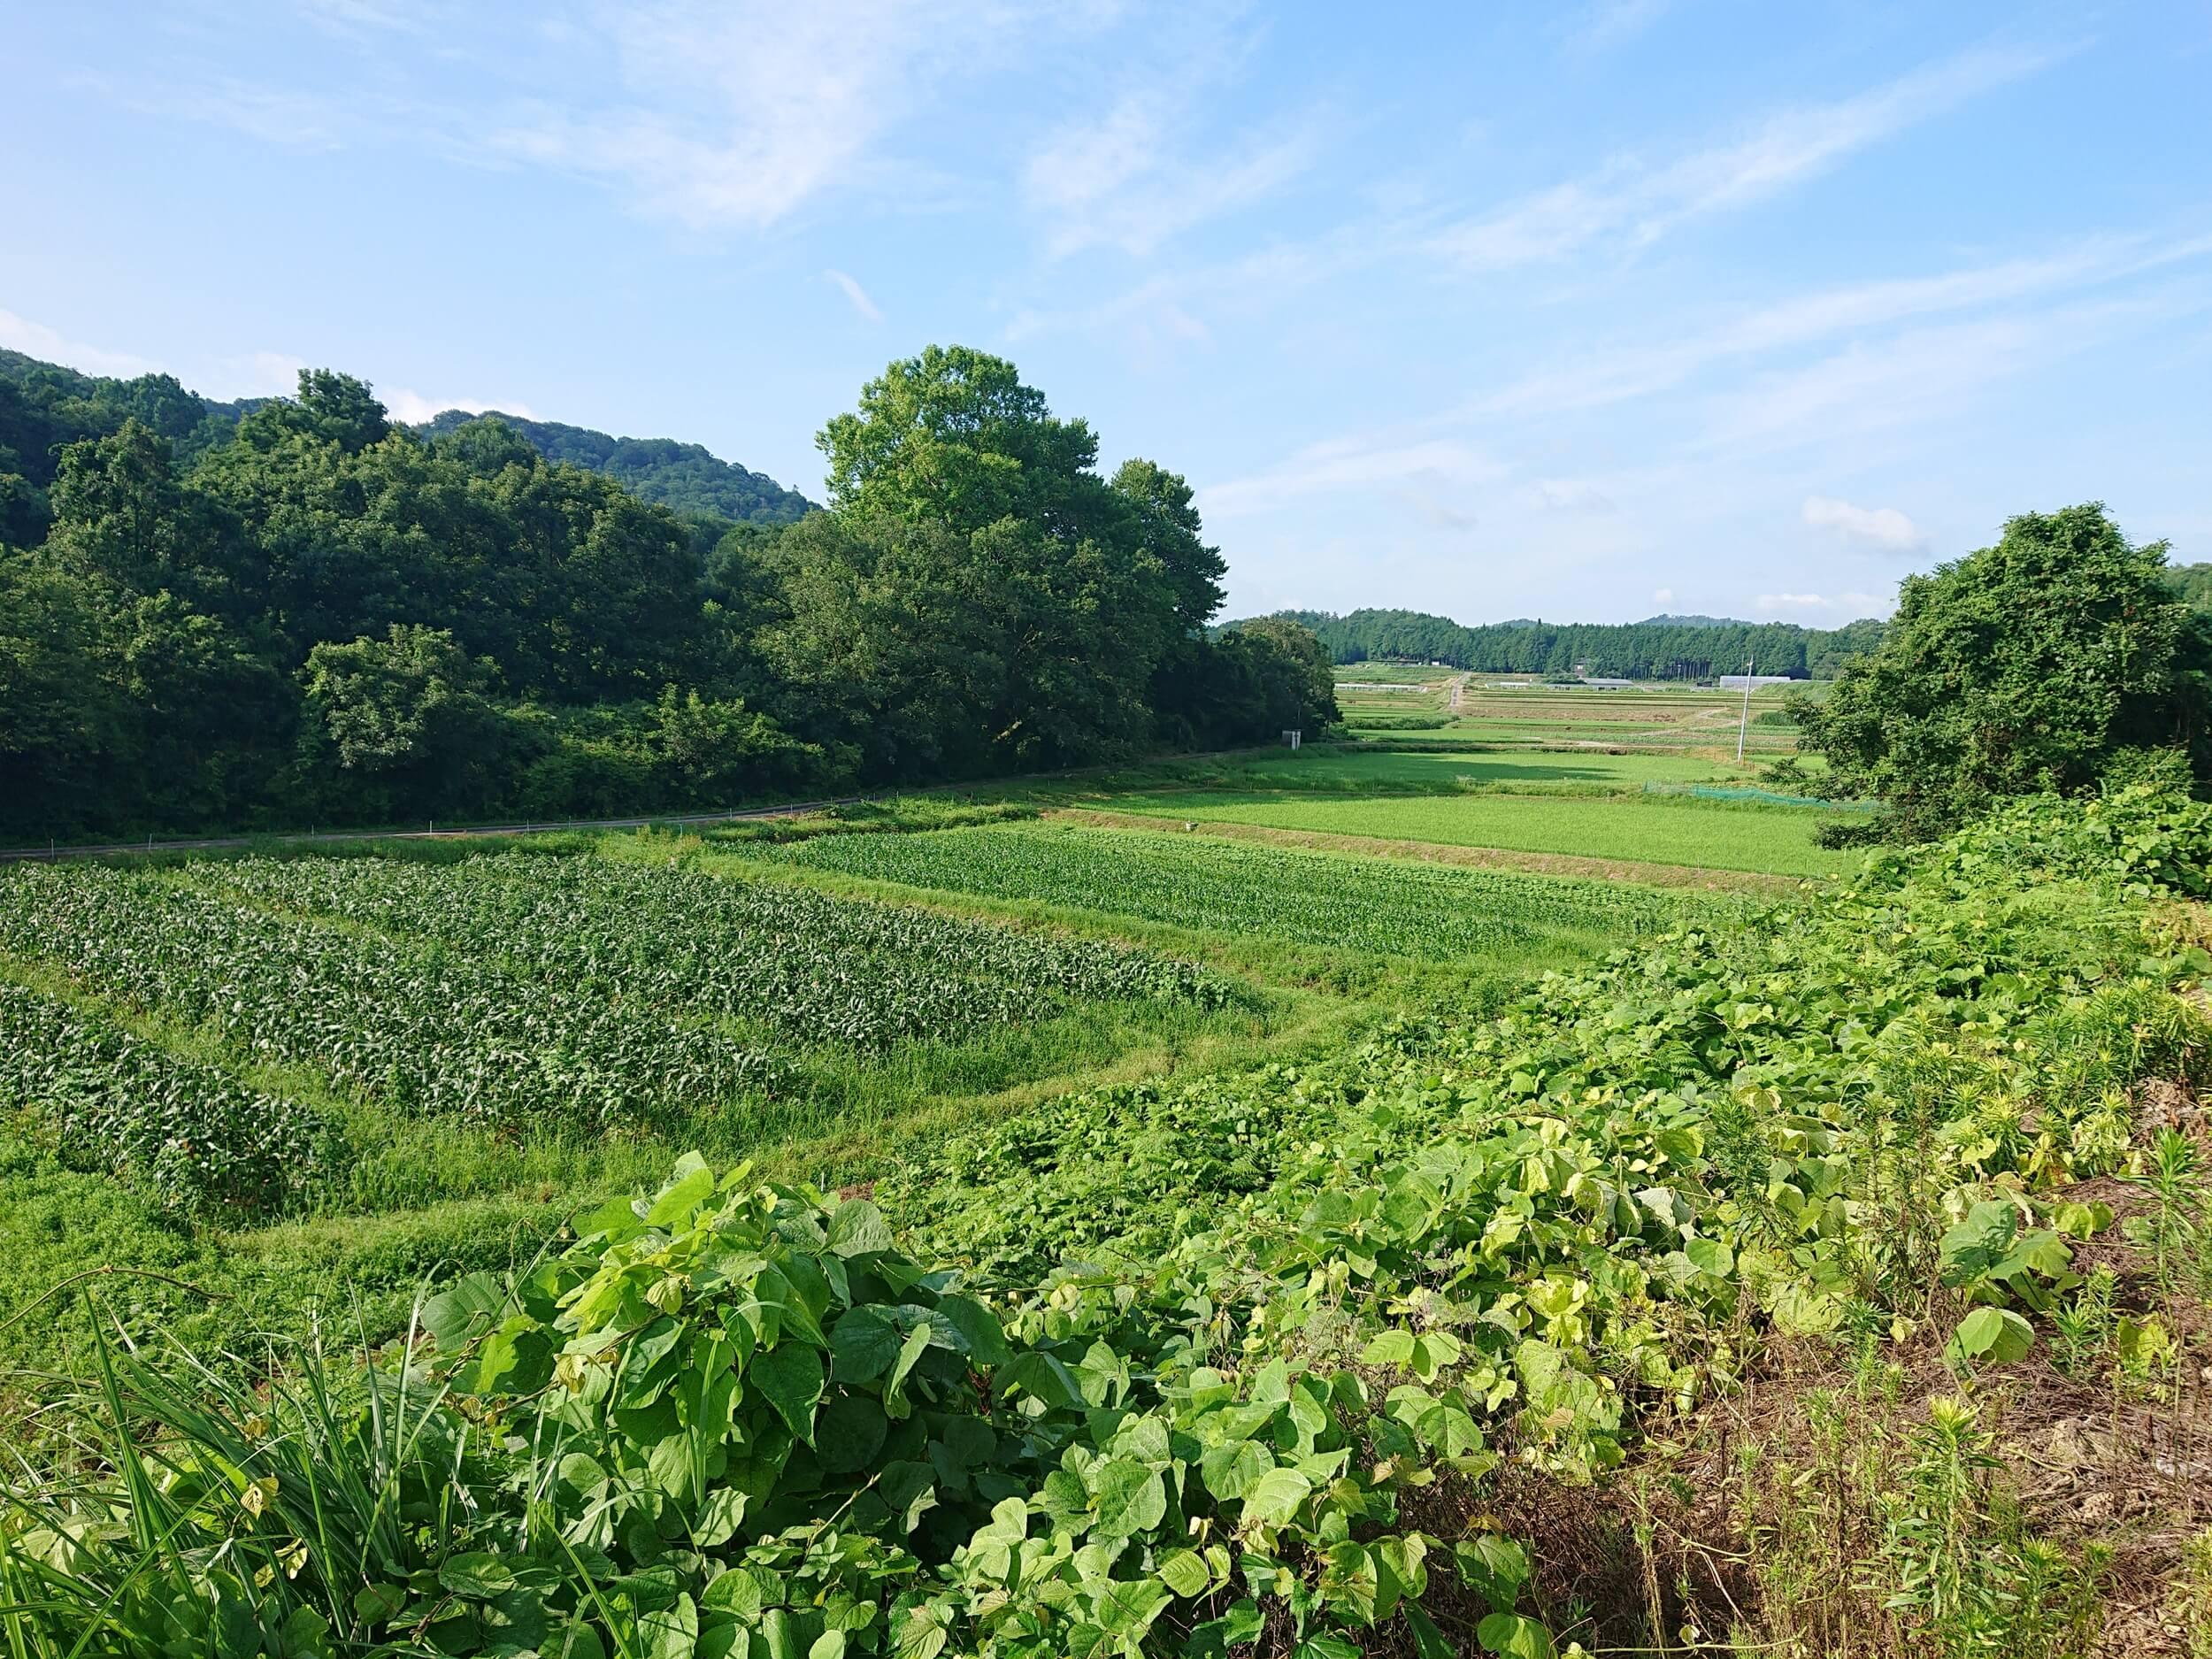 トウモロコシ畑 【自然】20年7月22日